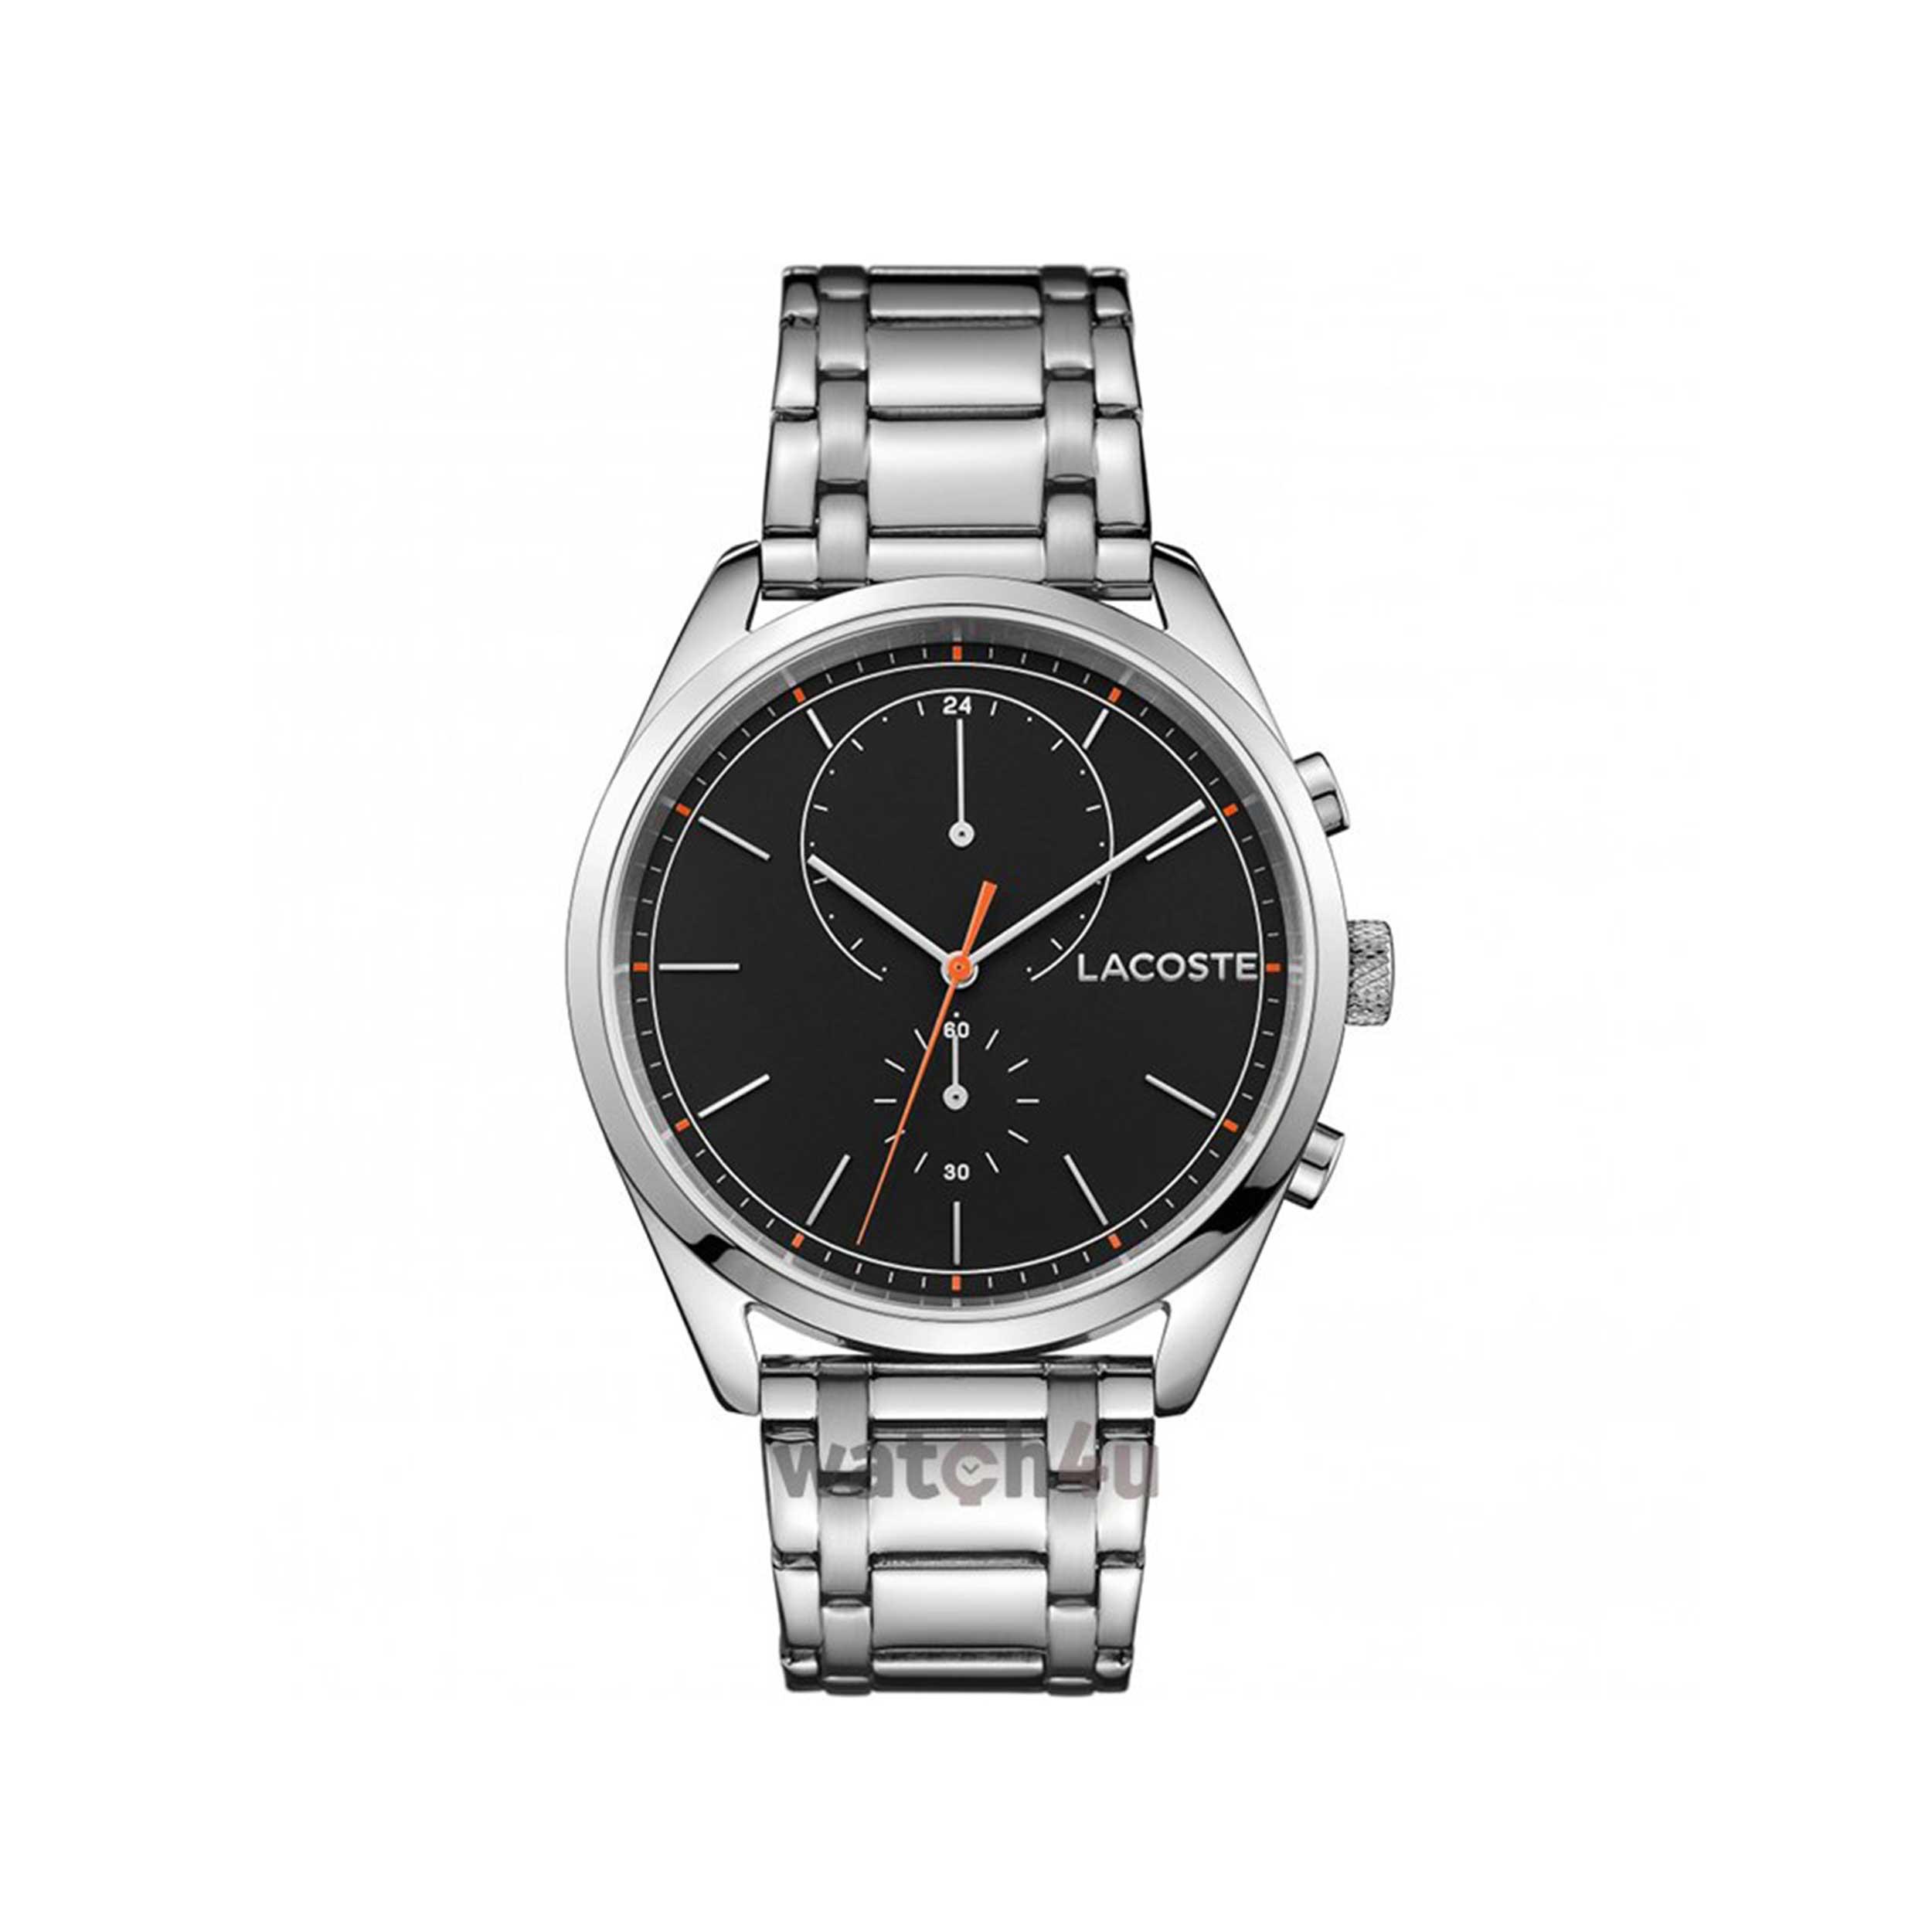 ساعت مچی عقربه ای مردانه لاگوست مدل 2010918              خرید (⭐️⭐️⭐️)